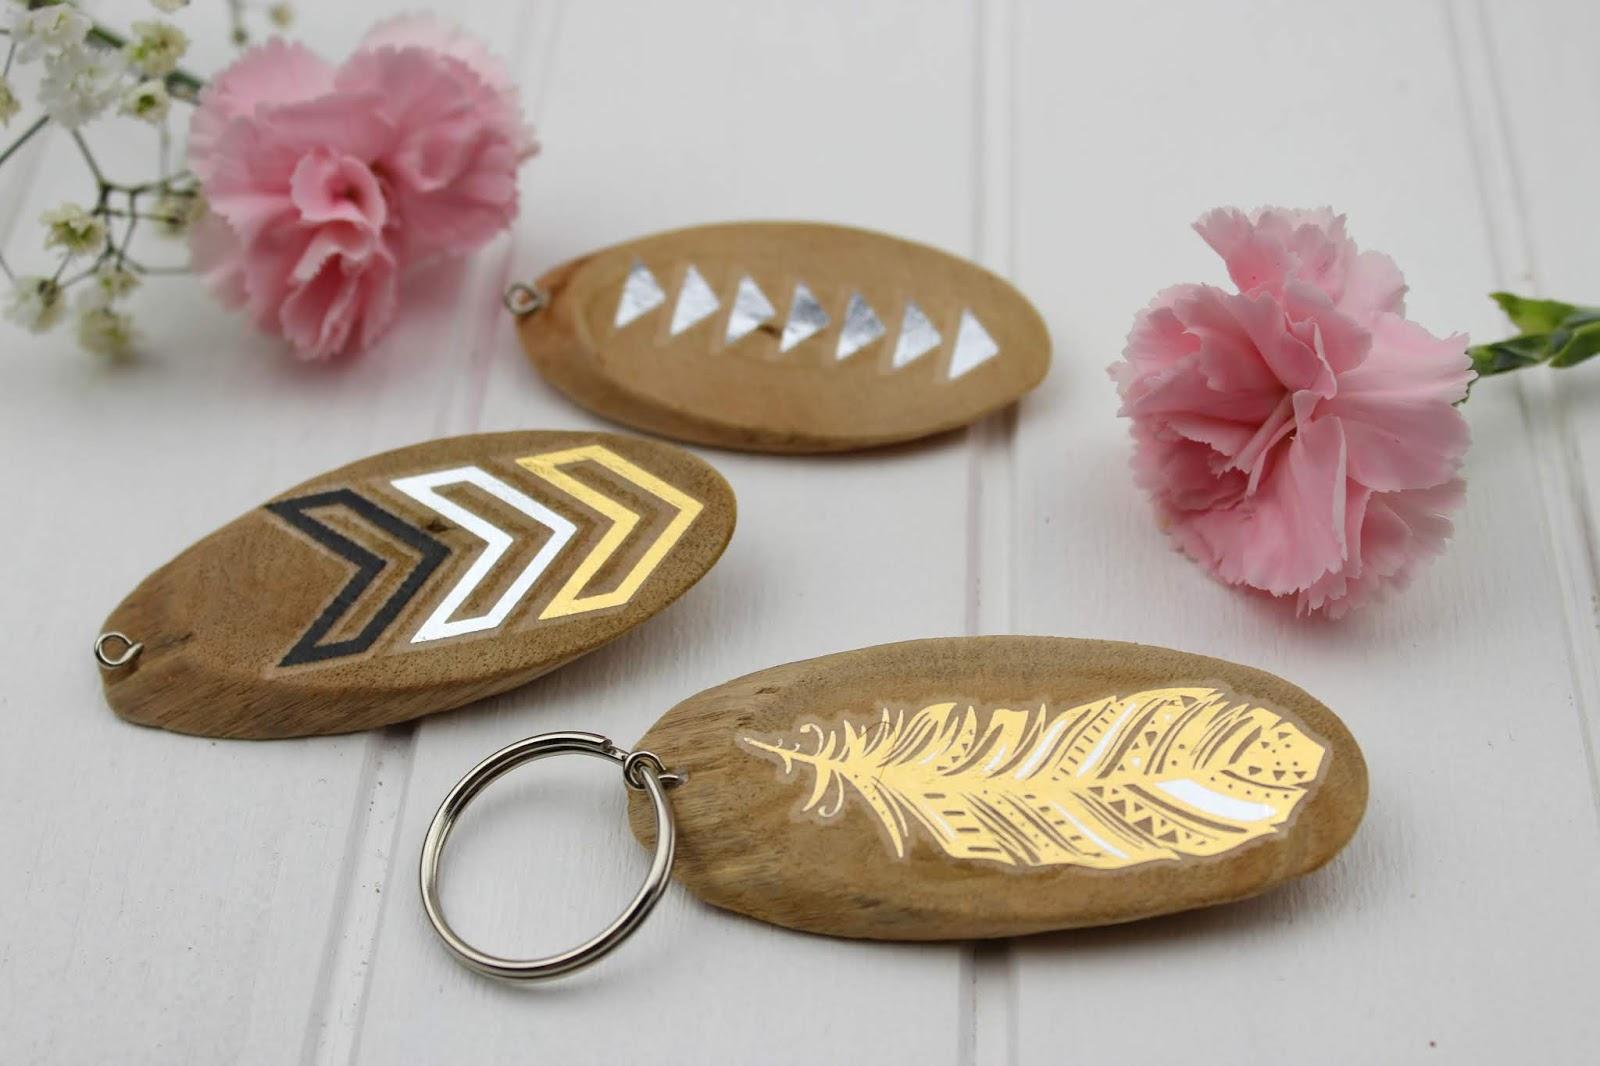 DIY - Schlüsselanhänger aus Holz ganz einfach selber machen - perfekt als Geschenkidee